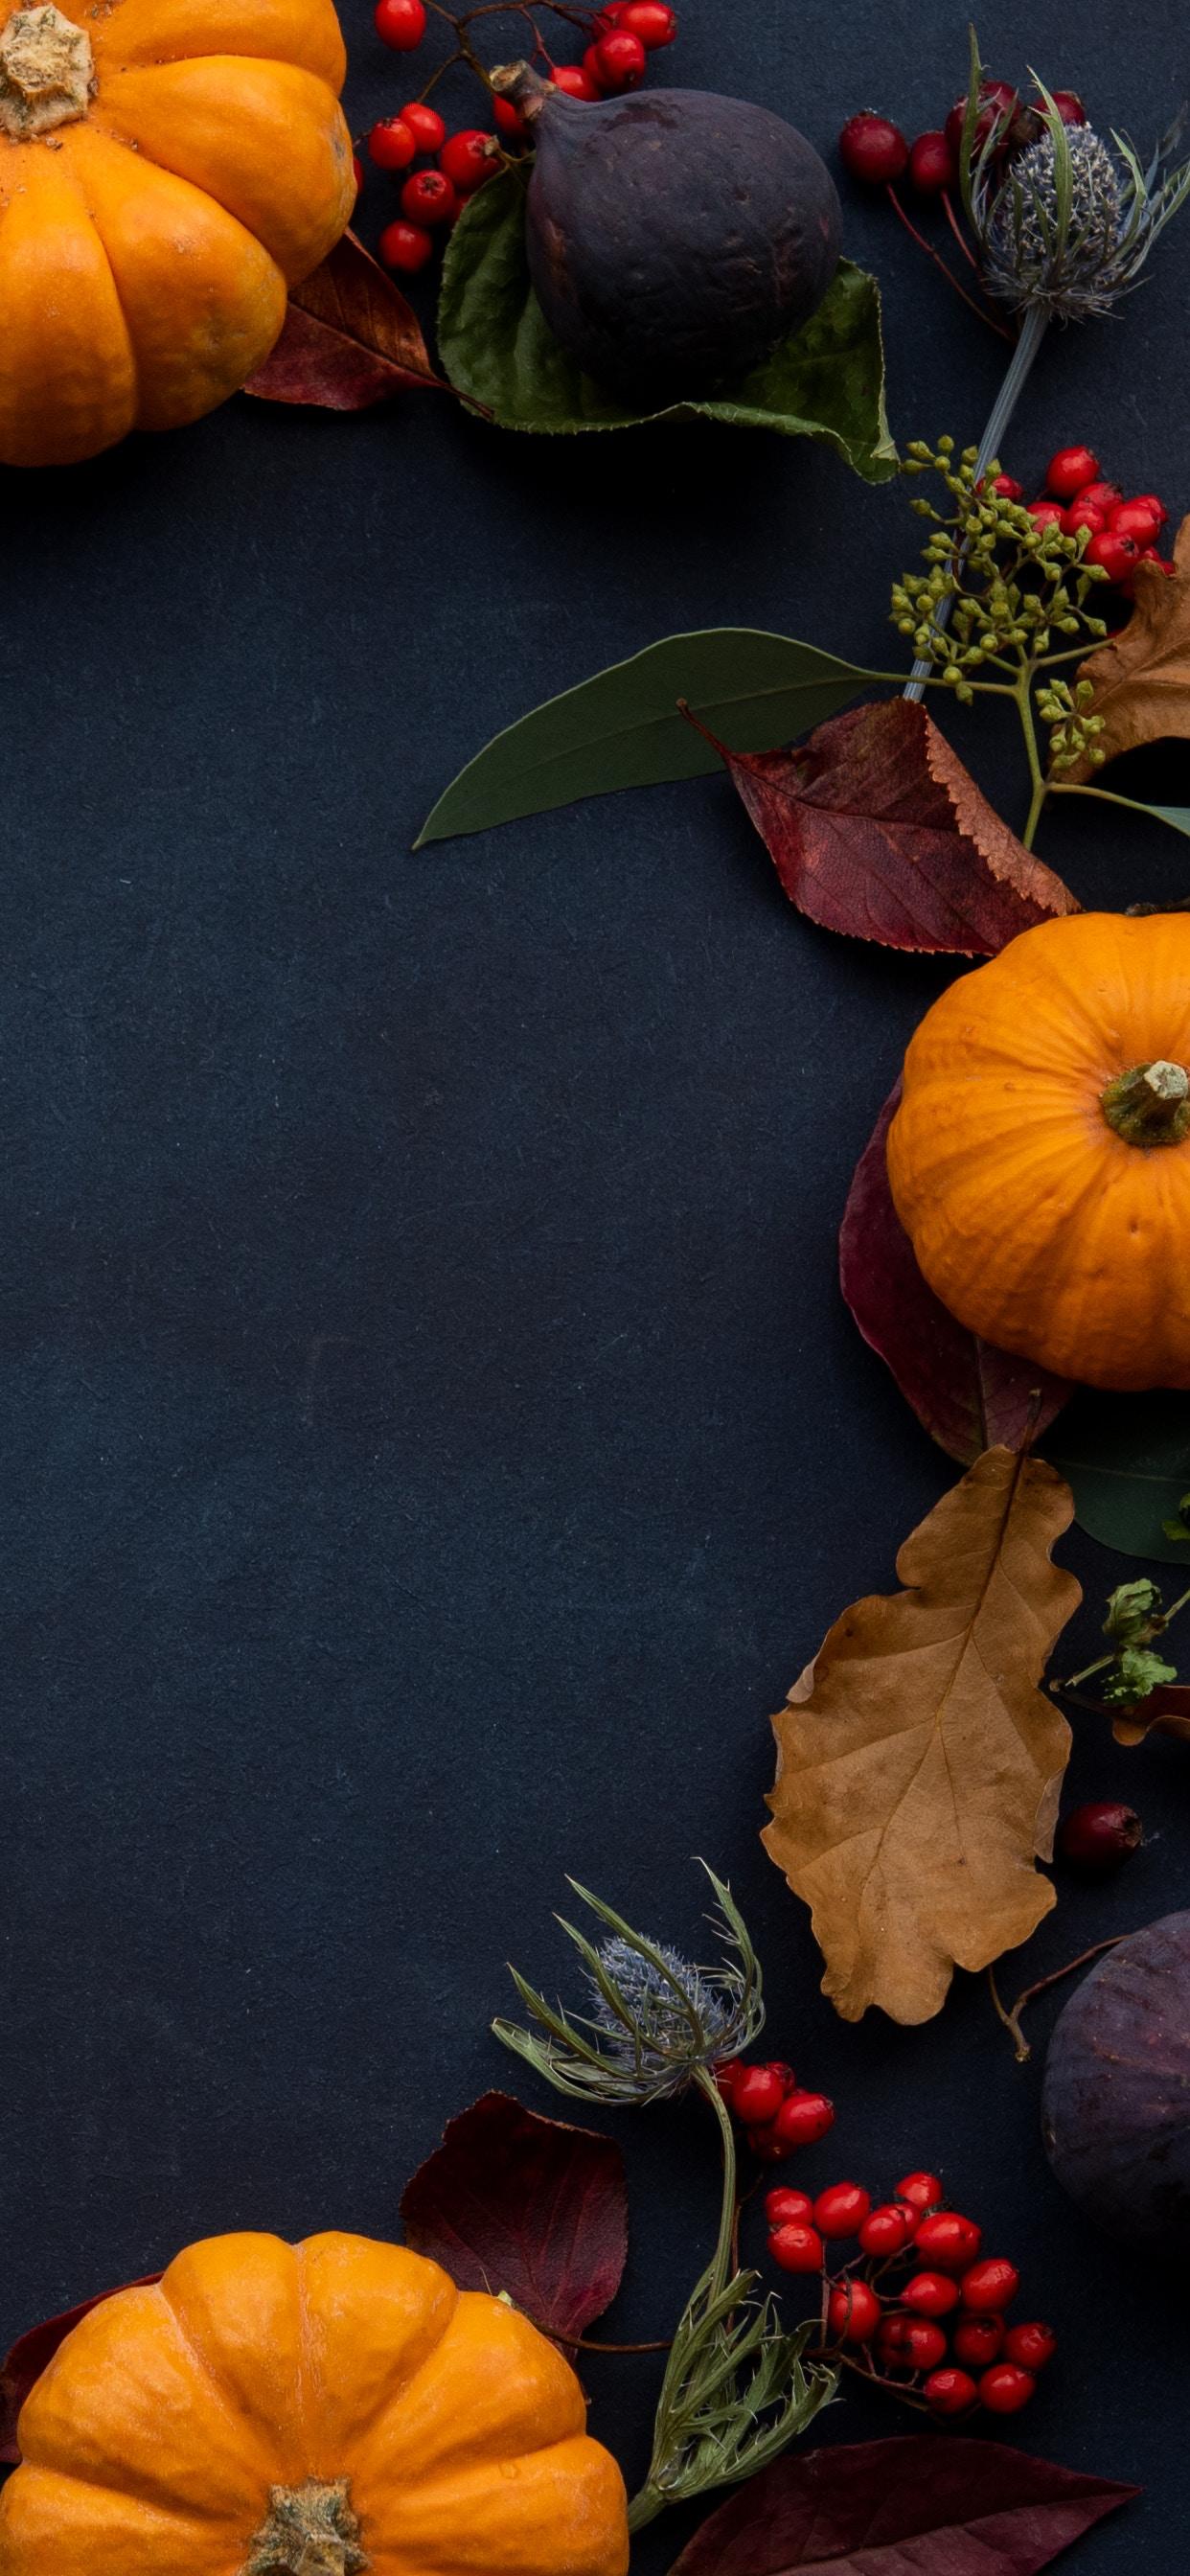 Orange and dark pumpkin wallpaper